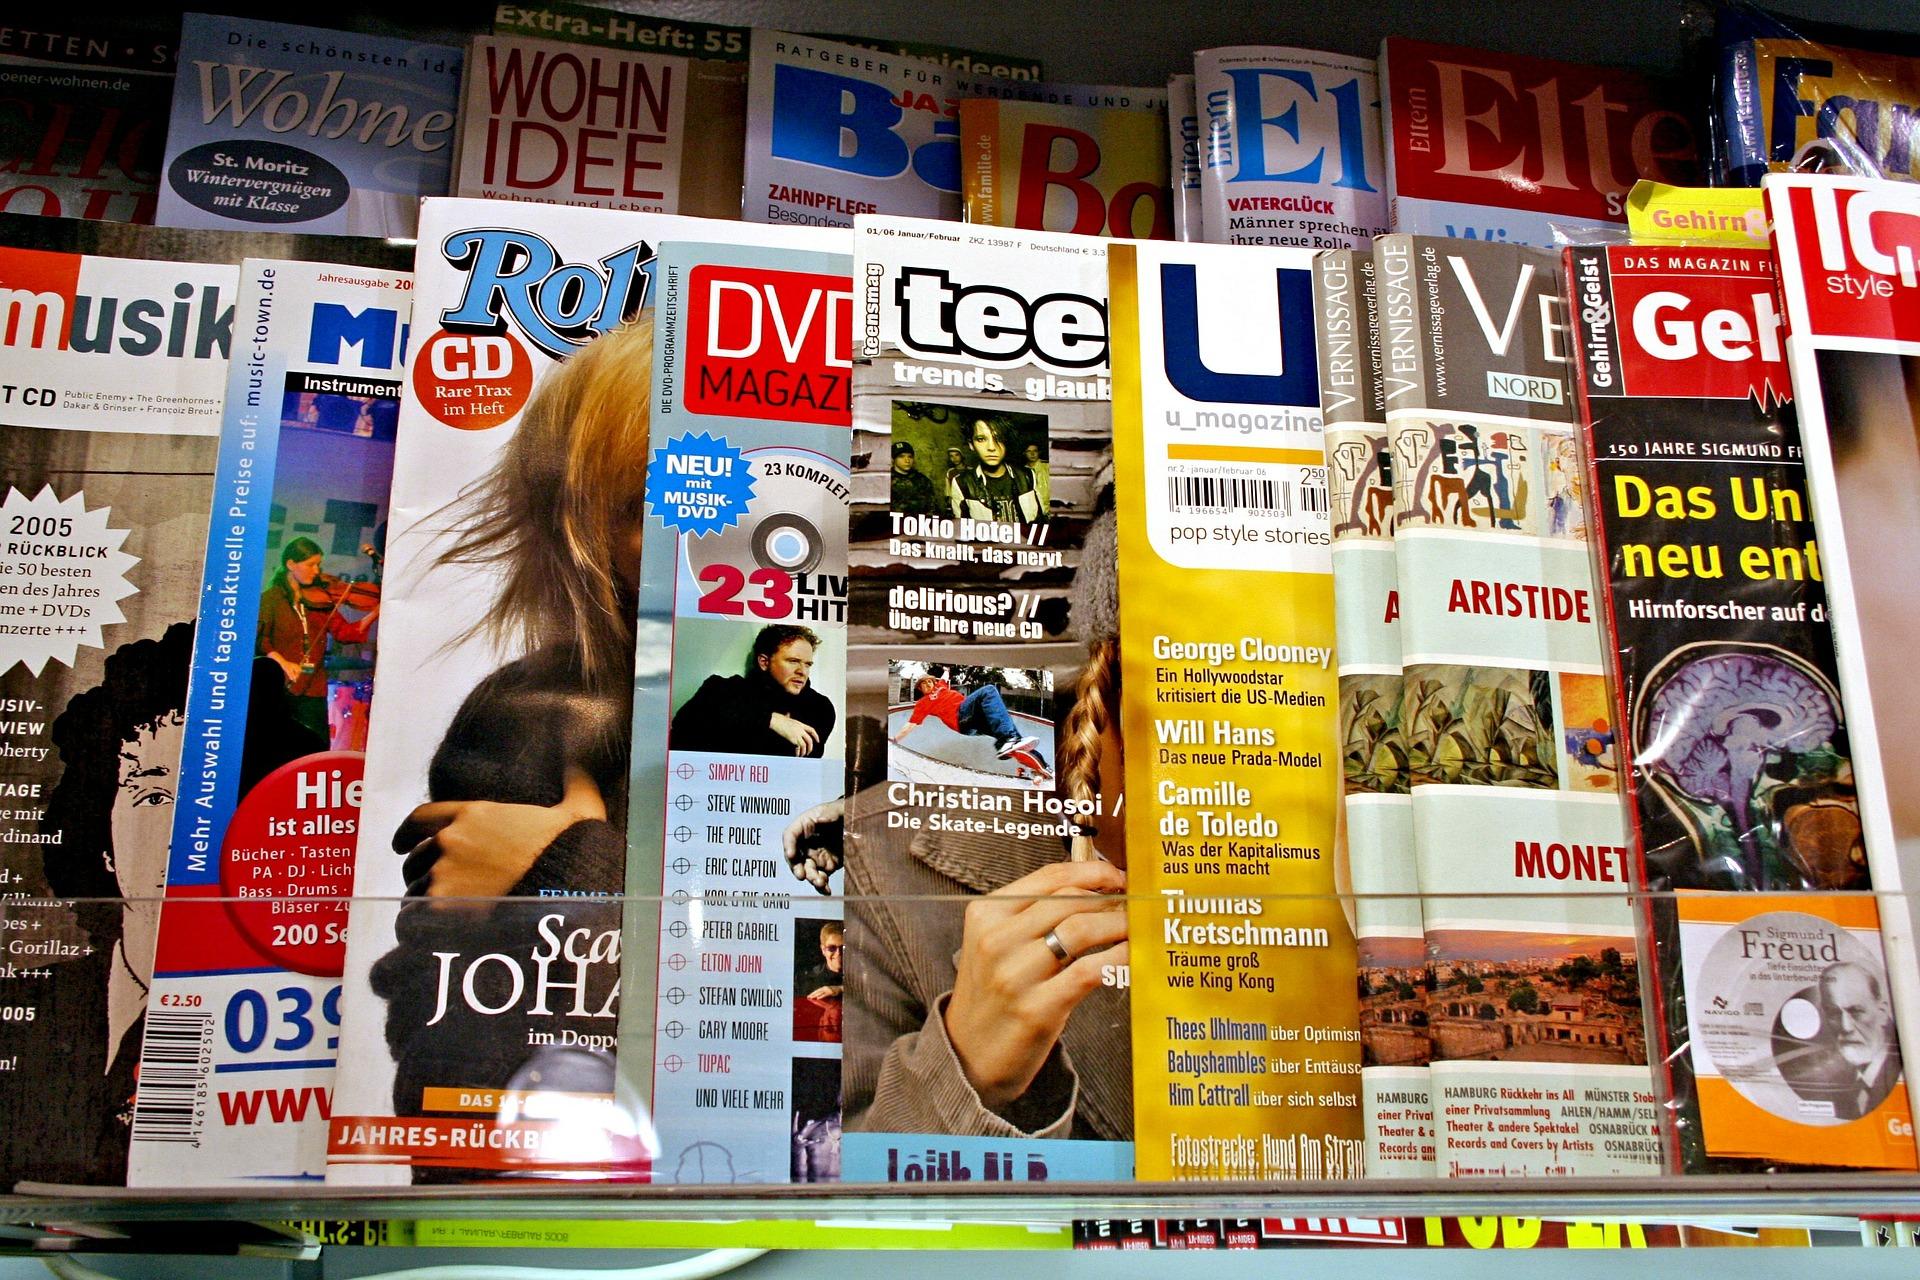 Musikzeitschriften Musikmagazin